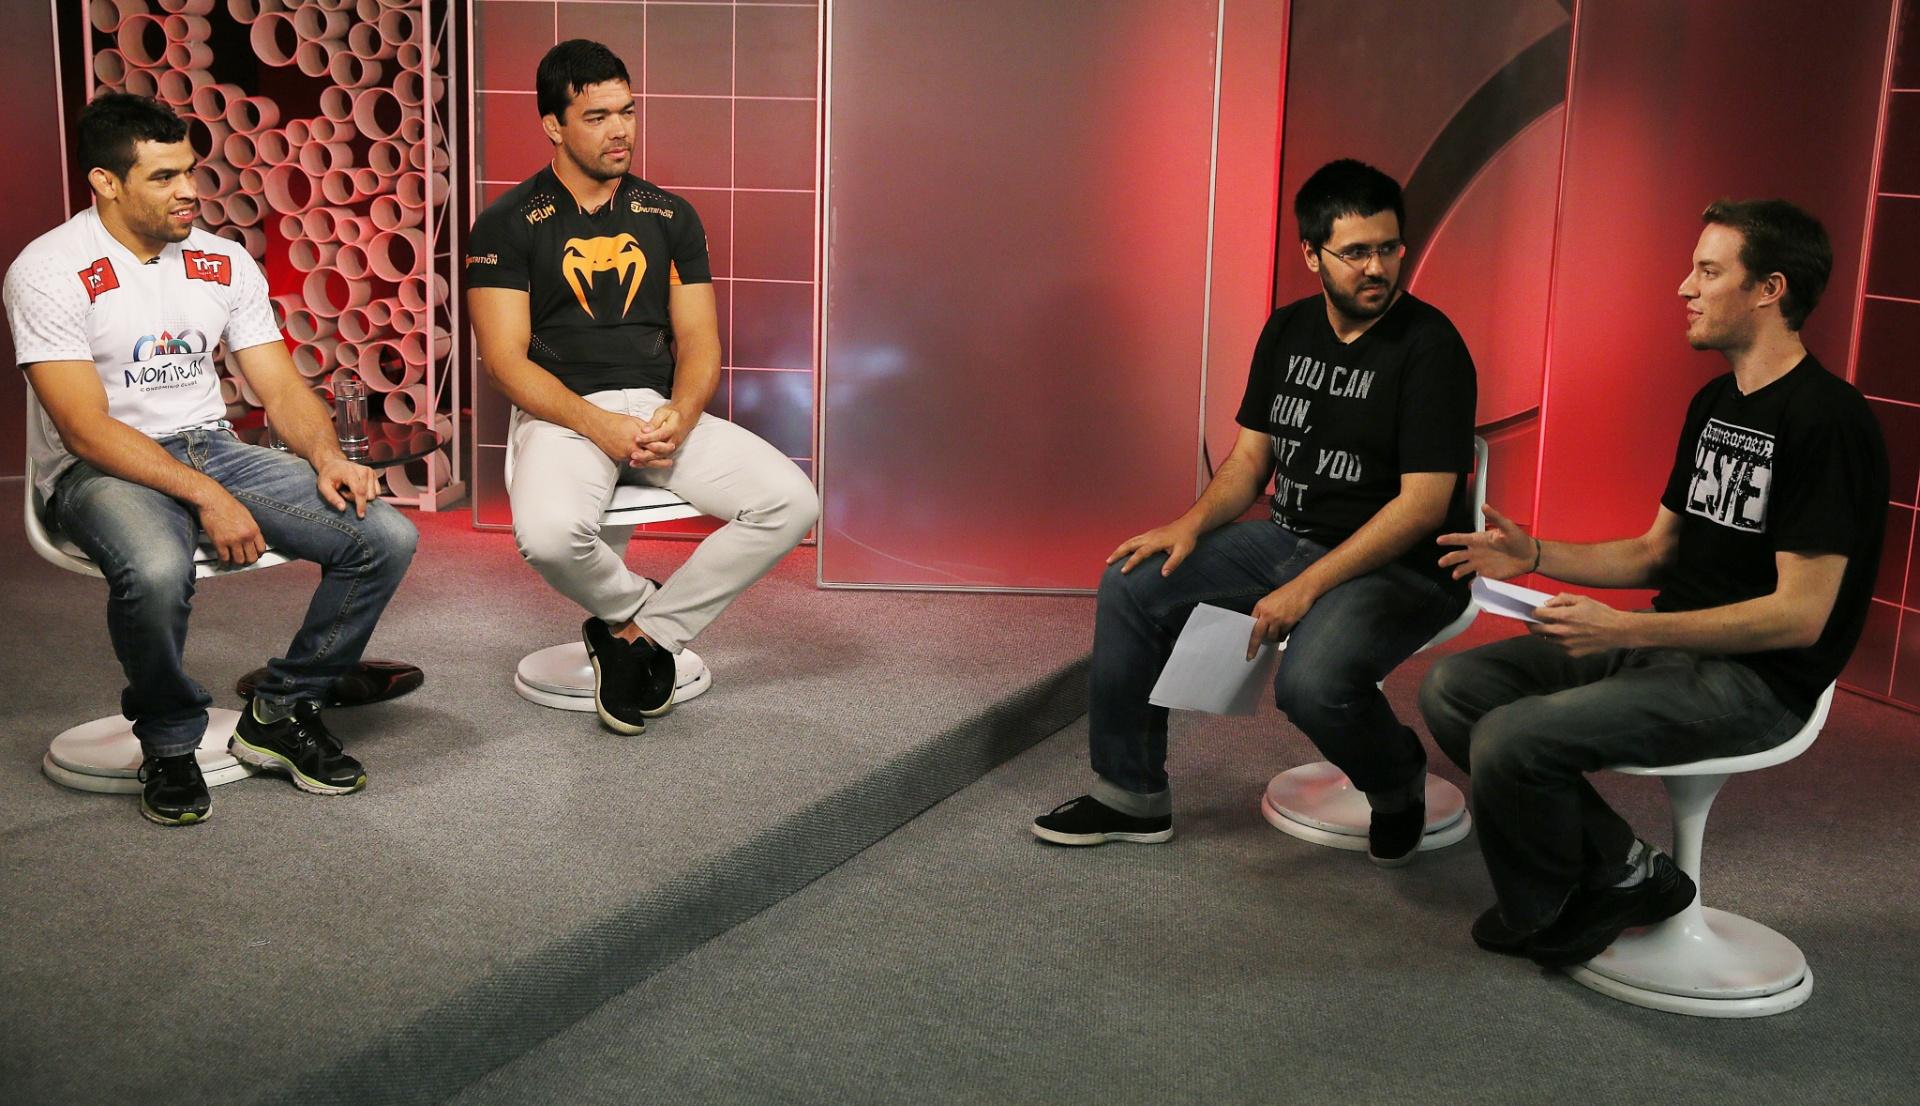 29. out. 2014 - Lyoto Machida e Renan Barão dão entrevista exclusiva ao UOL Esporte